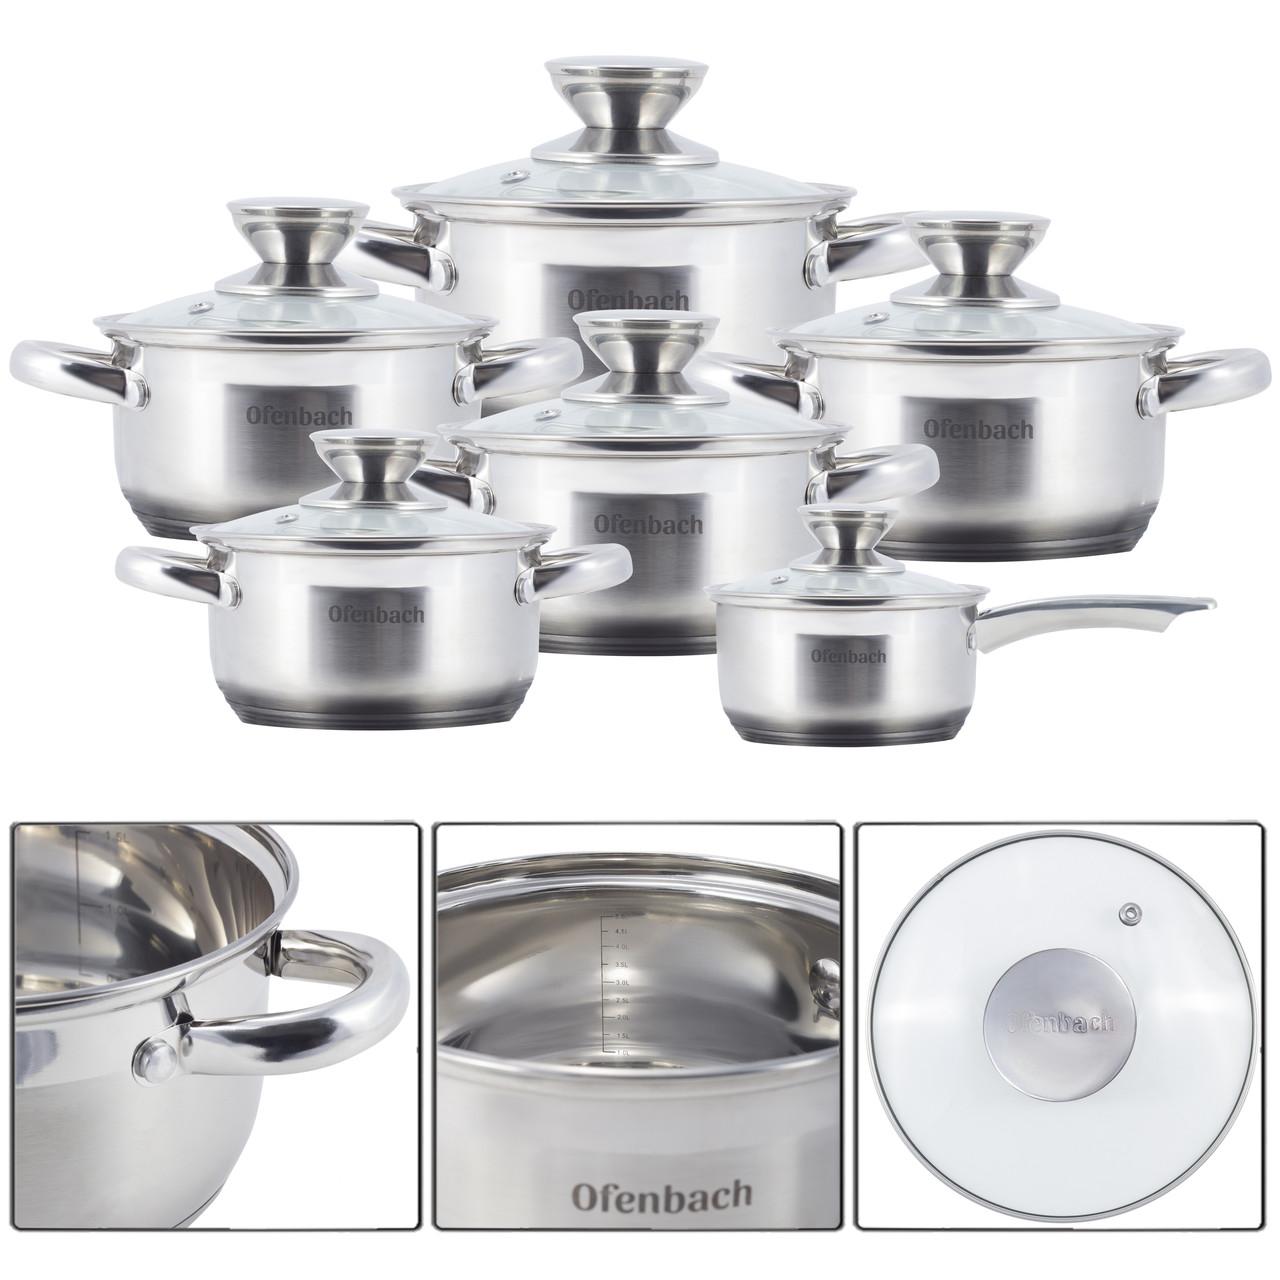 Набор посуды Ofenbach 12 предметов из нержавеющей стали KM-100001